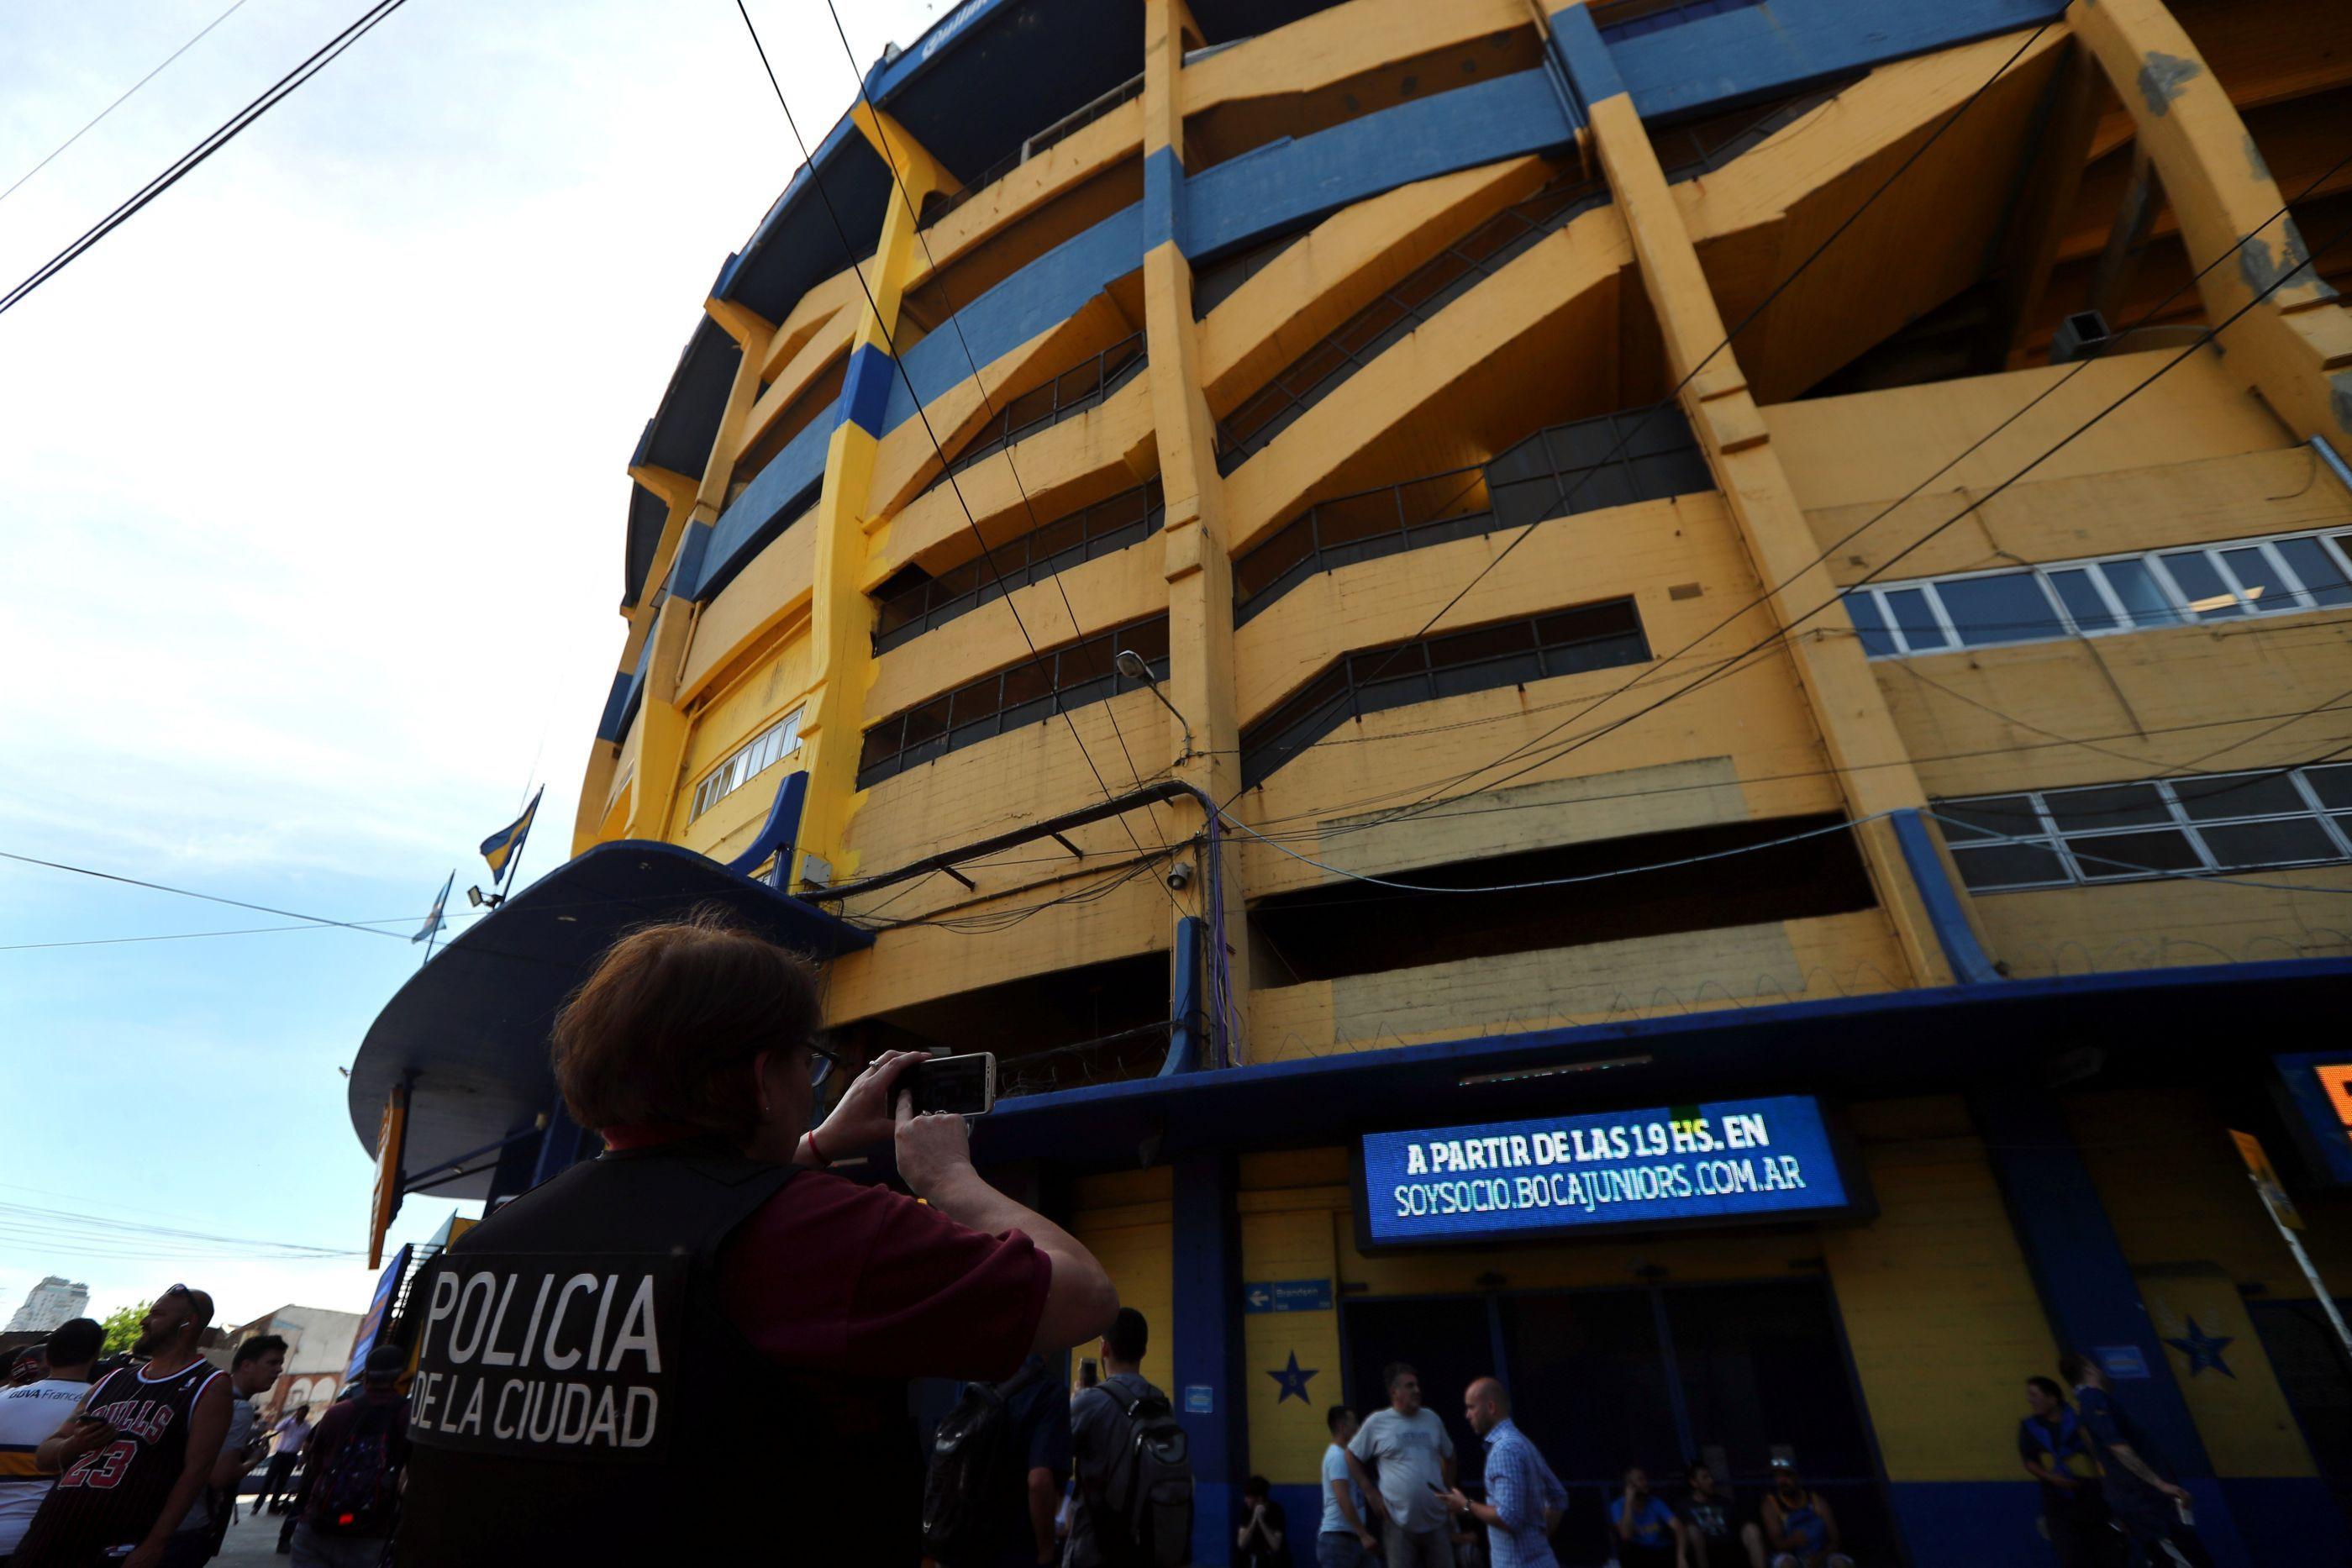 Ameaça de bomba no estádio do Boca Juniors